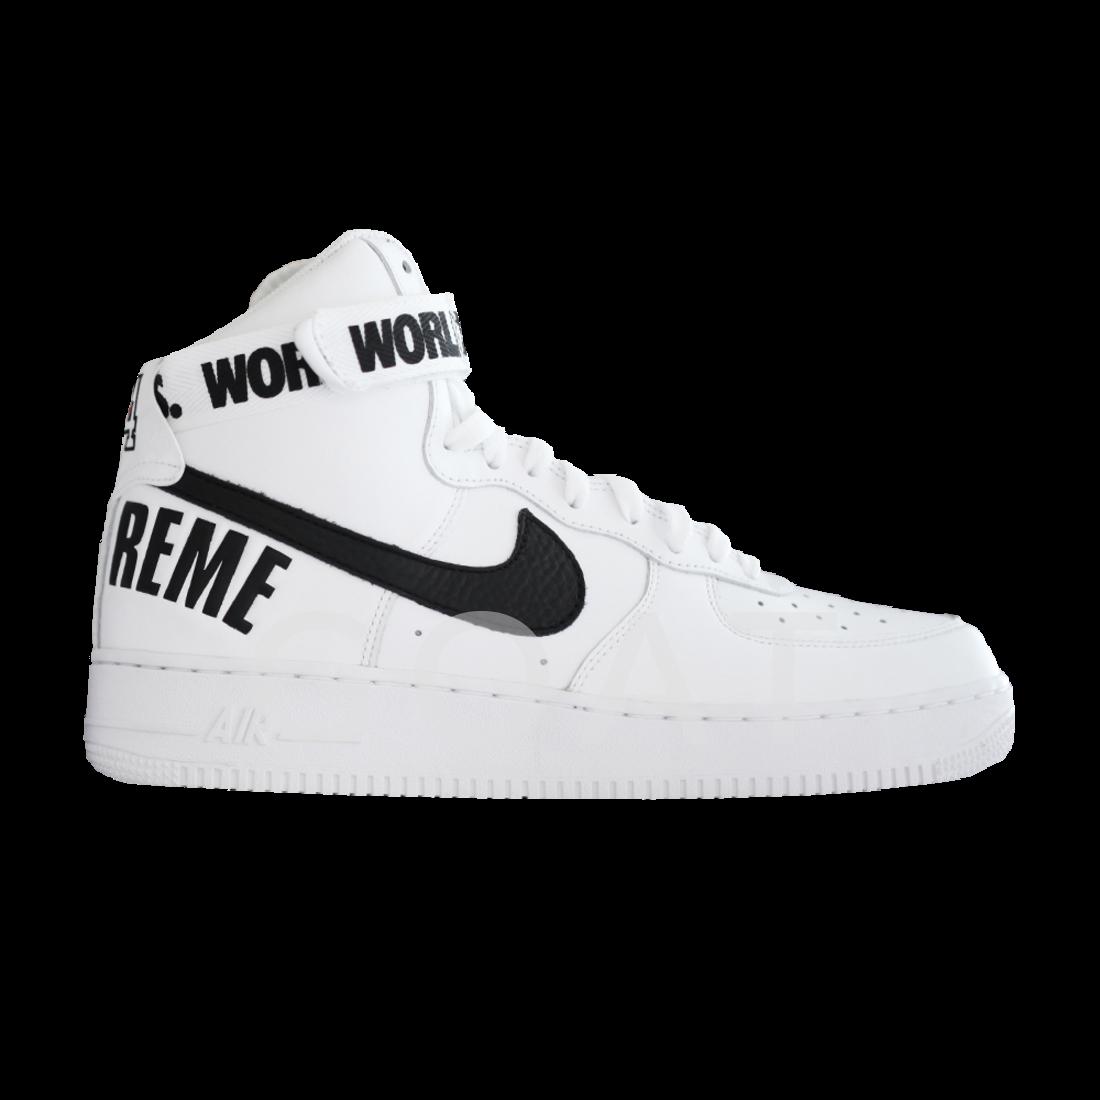 Supreme X Air Force 1 High Supreme White Nike 698696 100 Goat White Nikes Air Force 1 High Nike